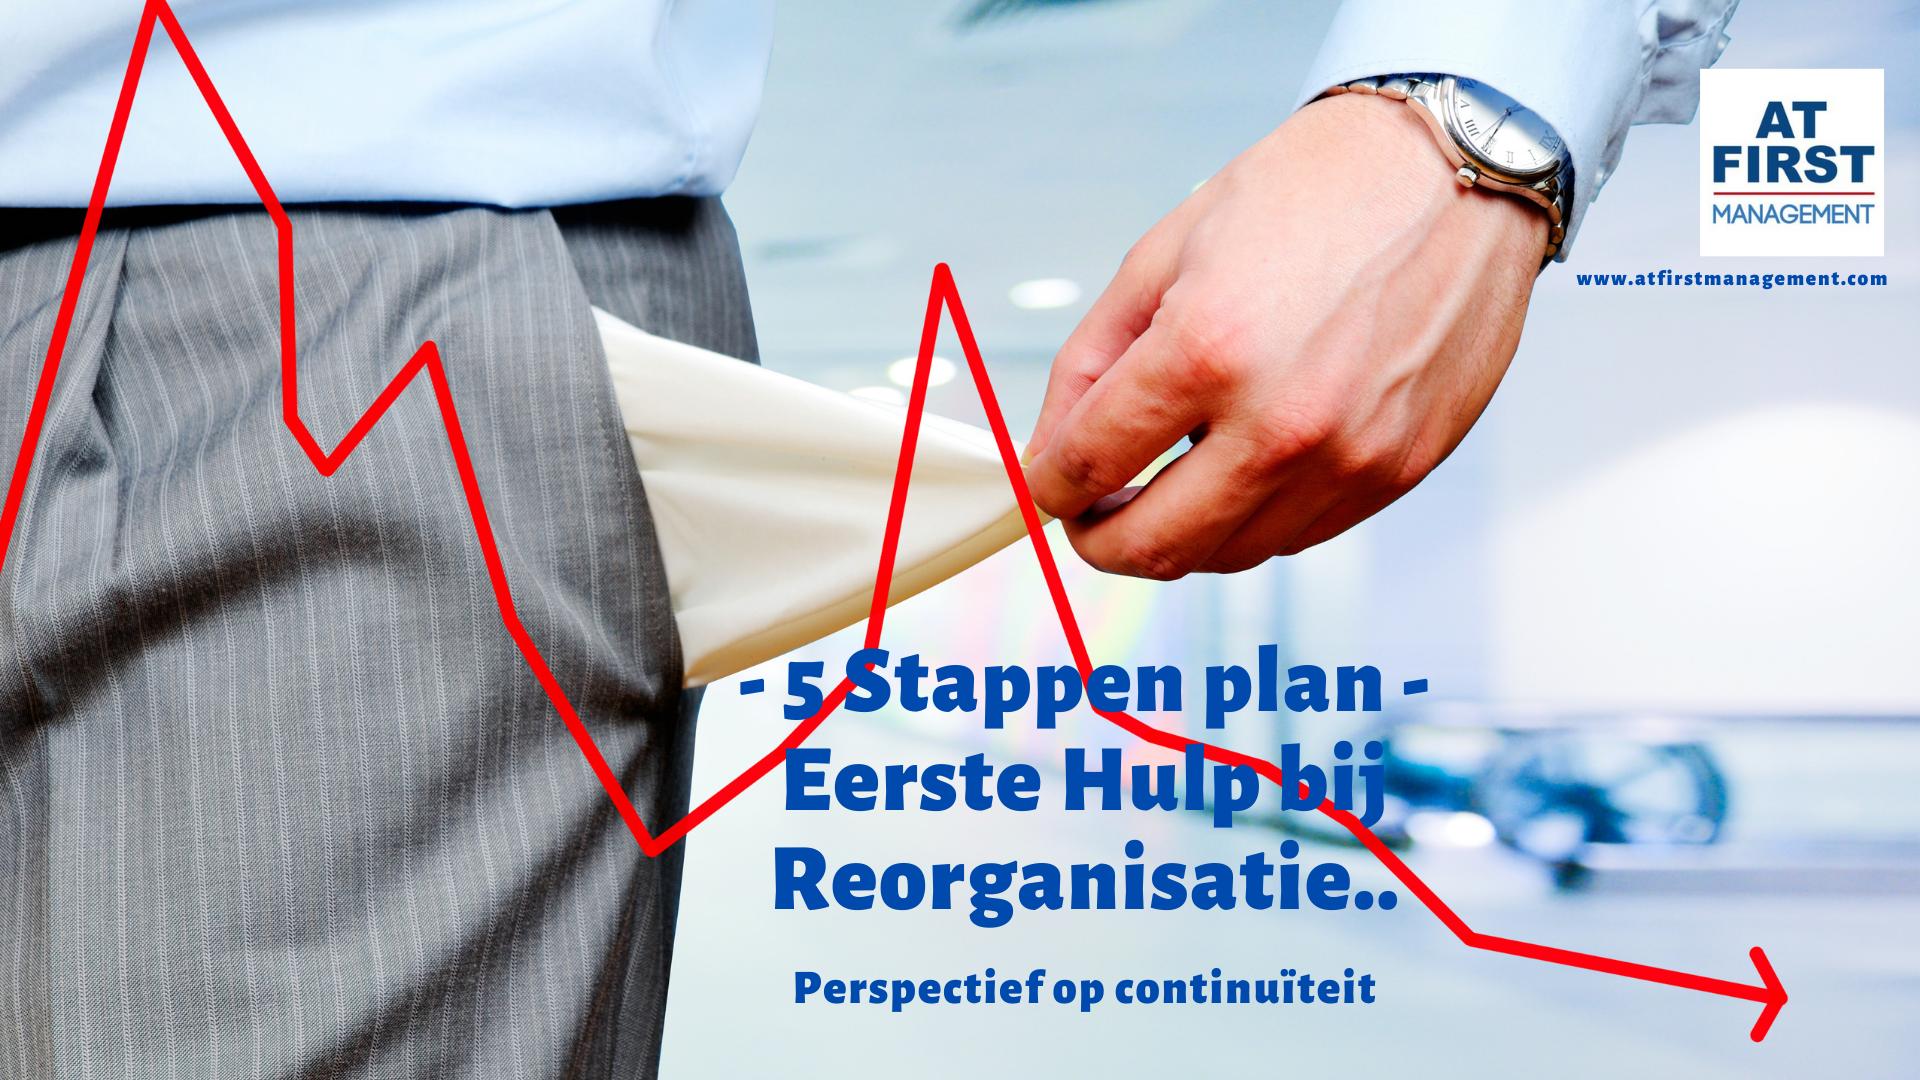 Reorganisatie plan